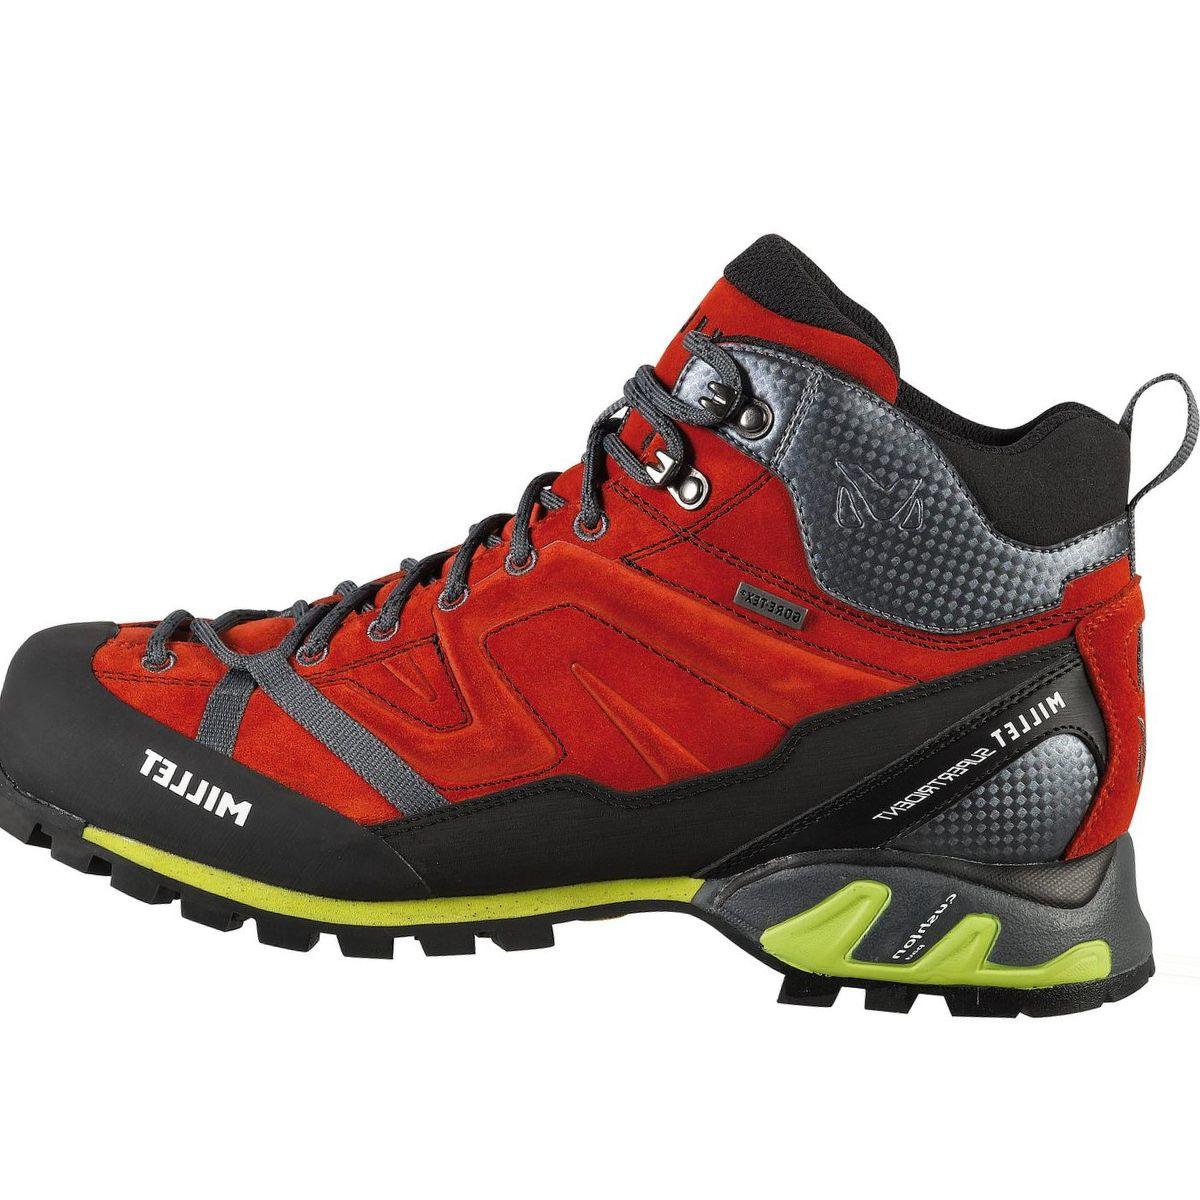 Millet Super Trident GTX Shoe - Men's